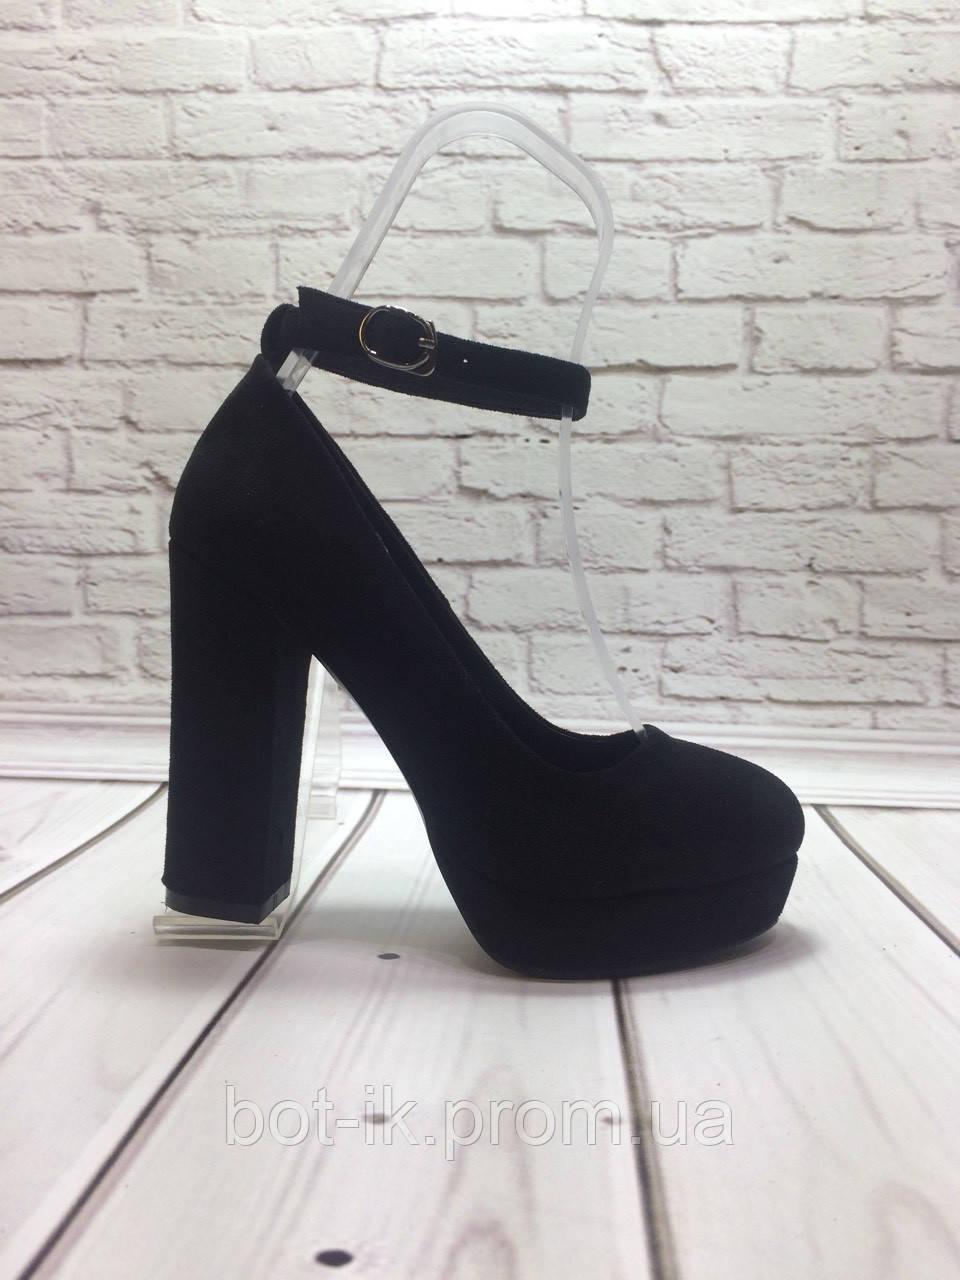 Стильные женские туфли на высоком каблуке из черной замши и пояском вокруг  ноги. - БОТ 609f097fa4c